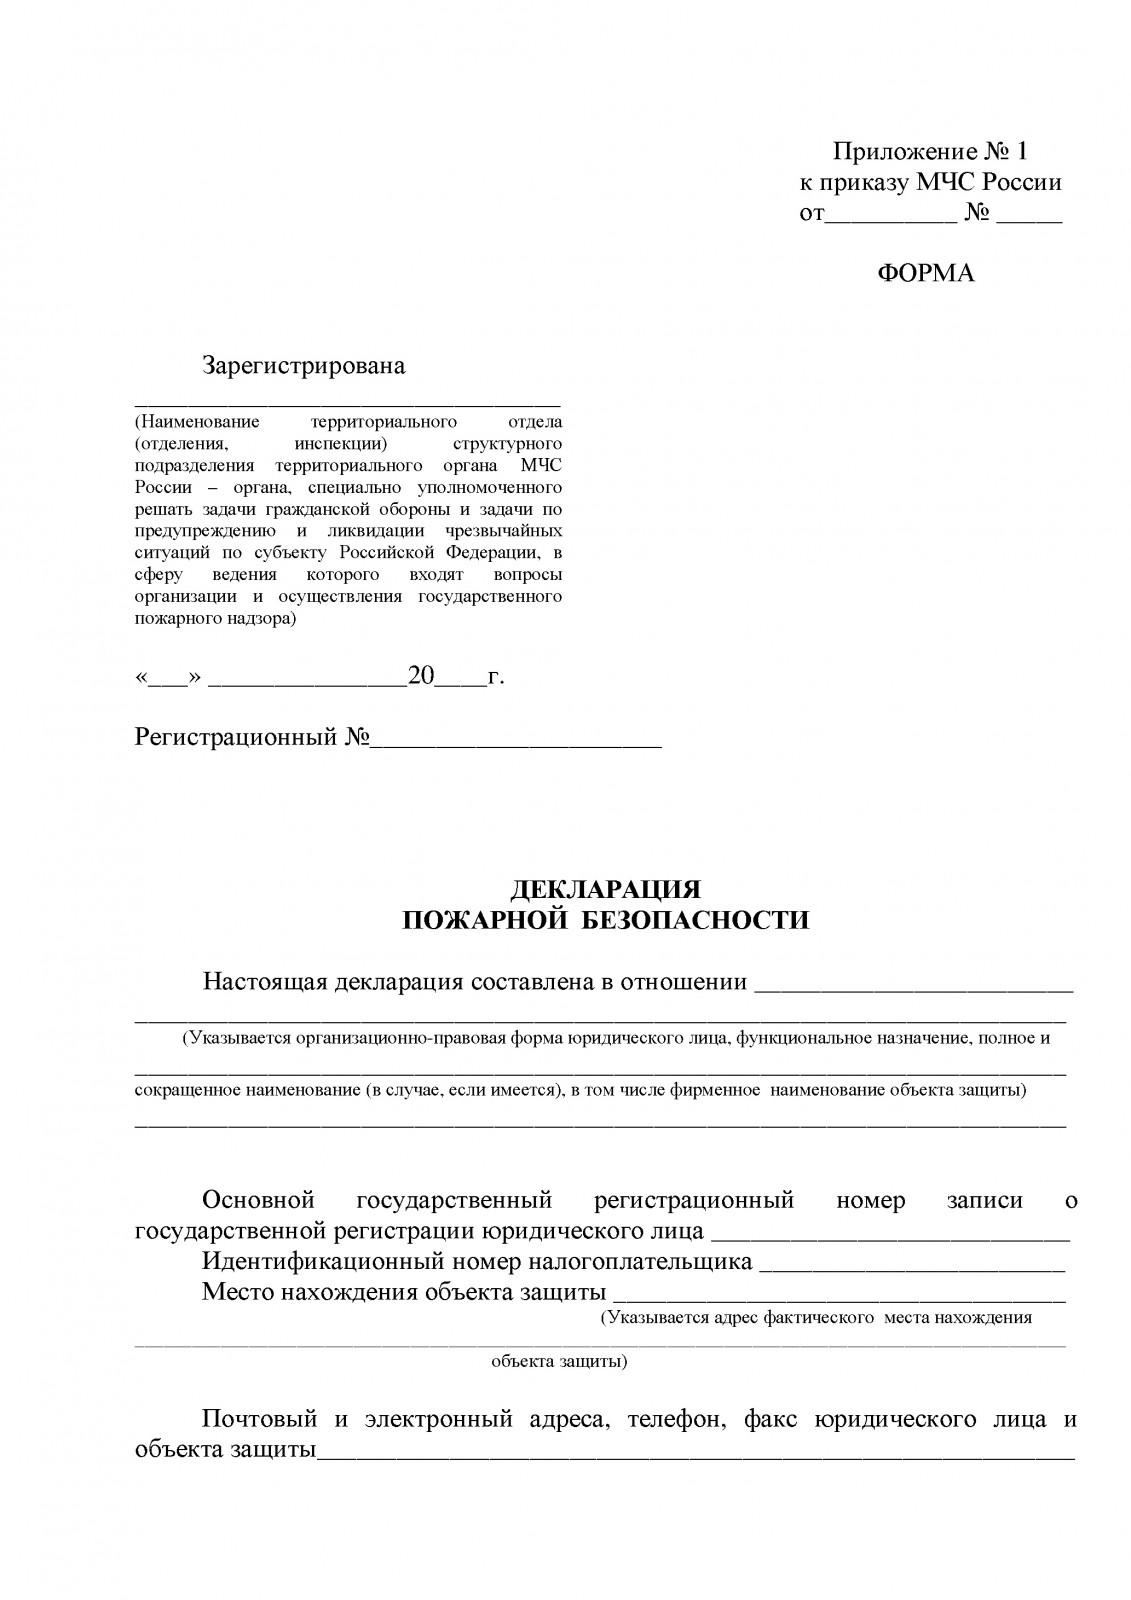 Инструкция по заполнению пожарной декларации